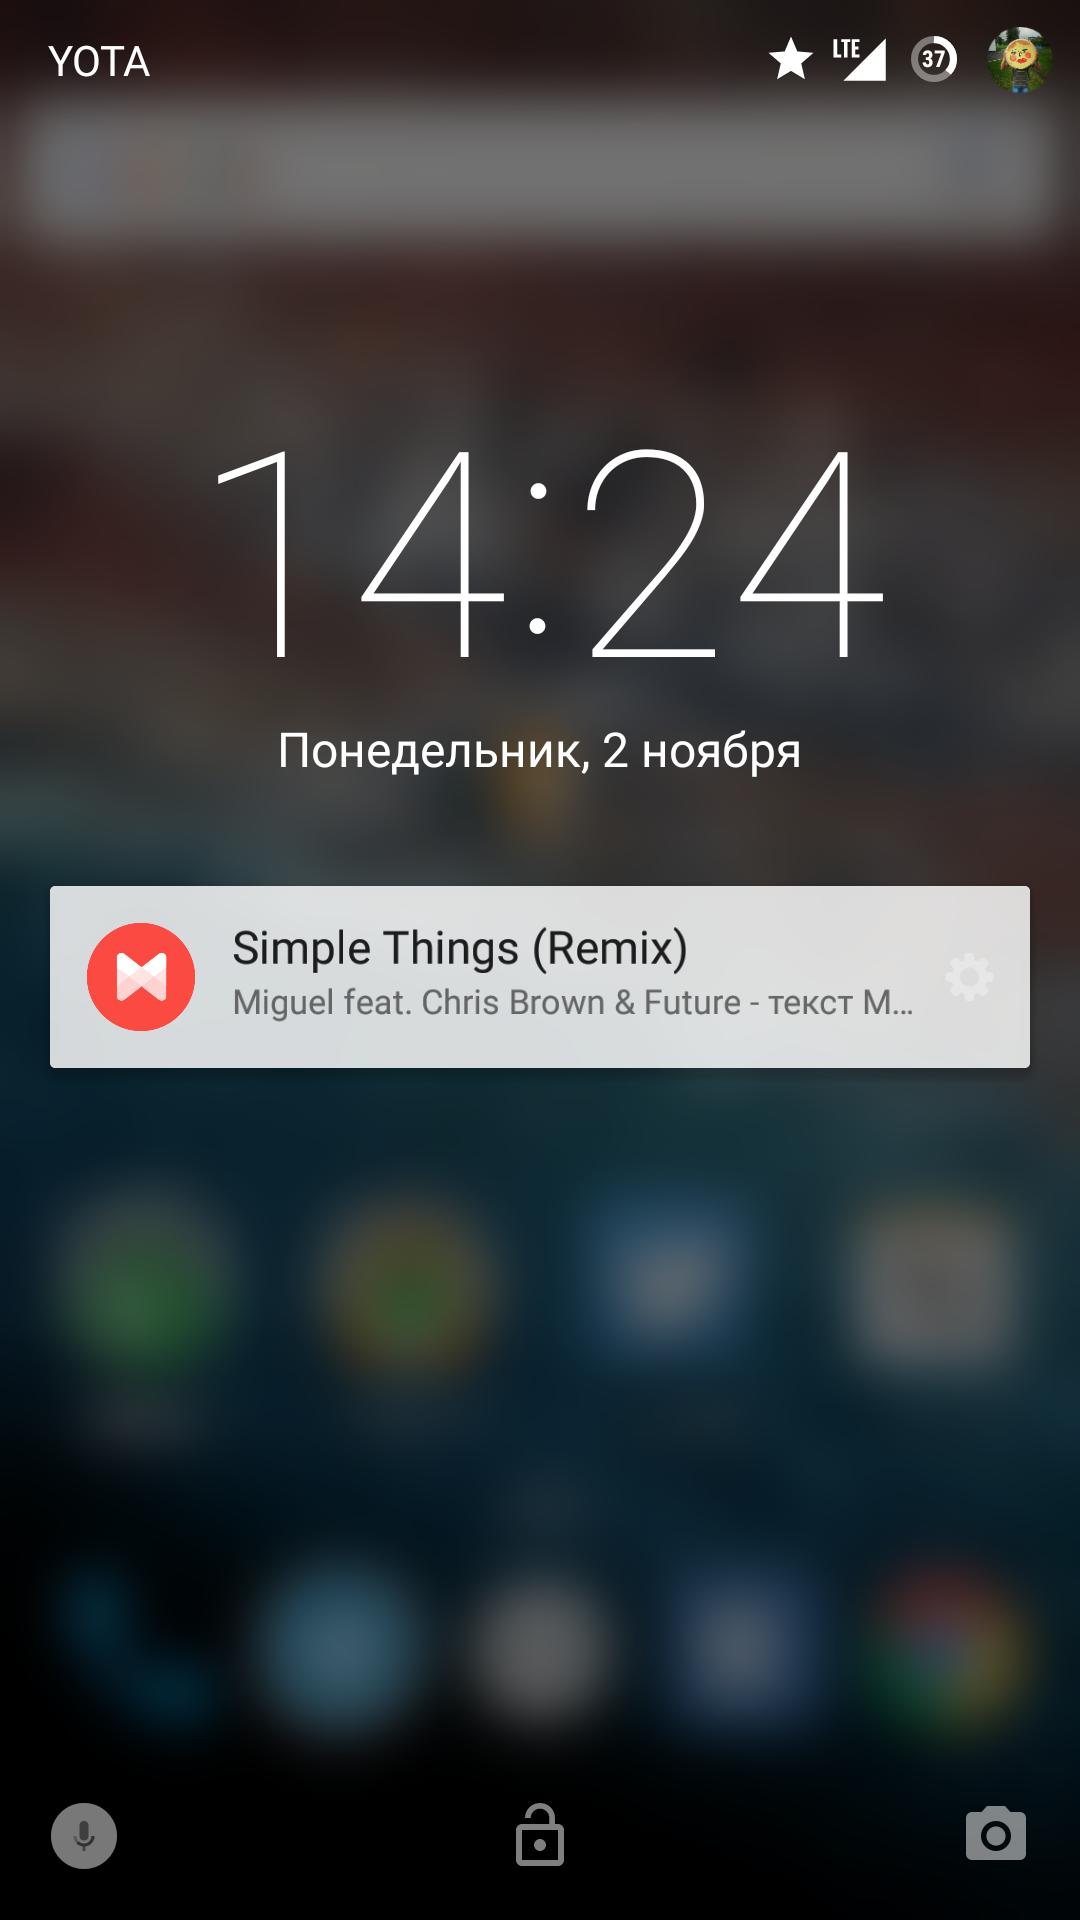 Счетчик вызовов на андроид 5.1.1